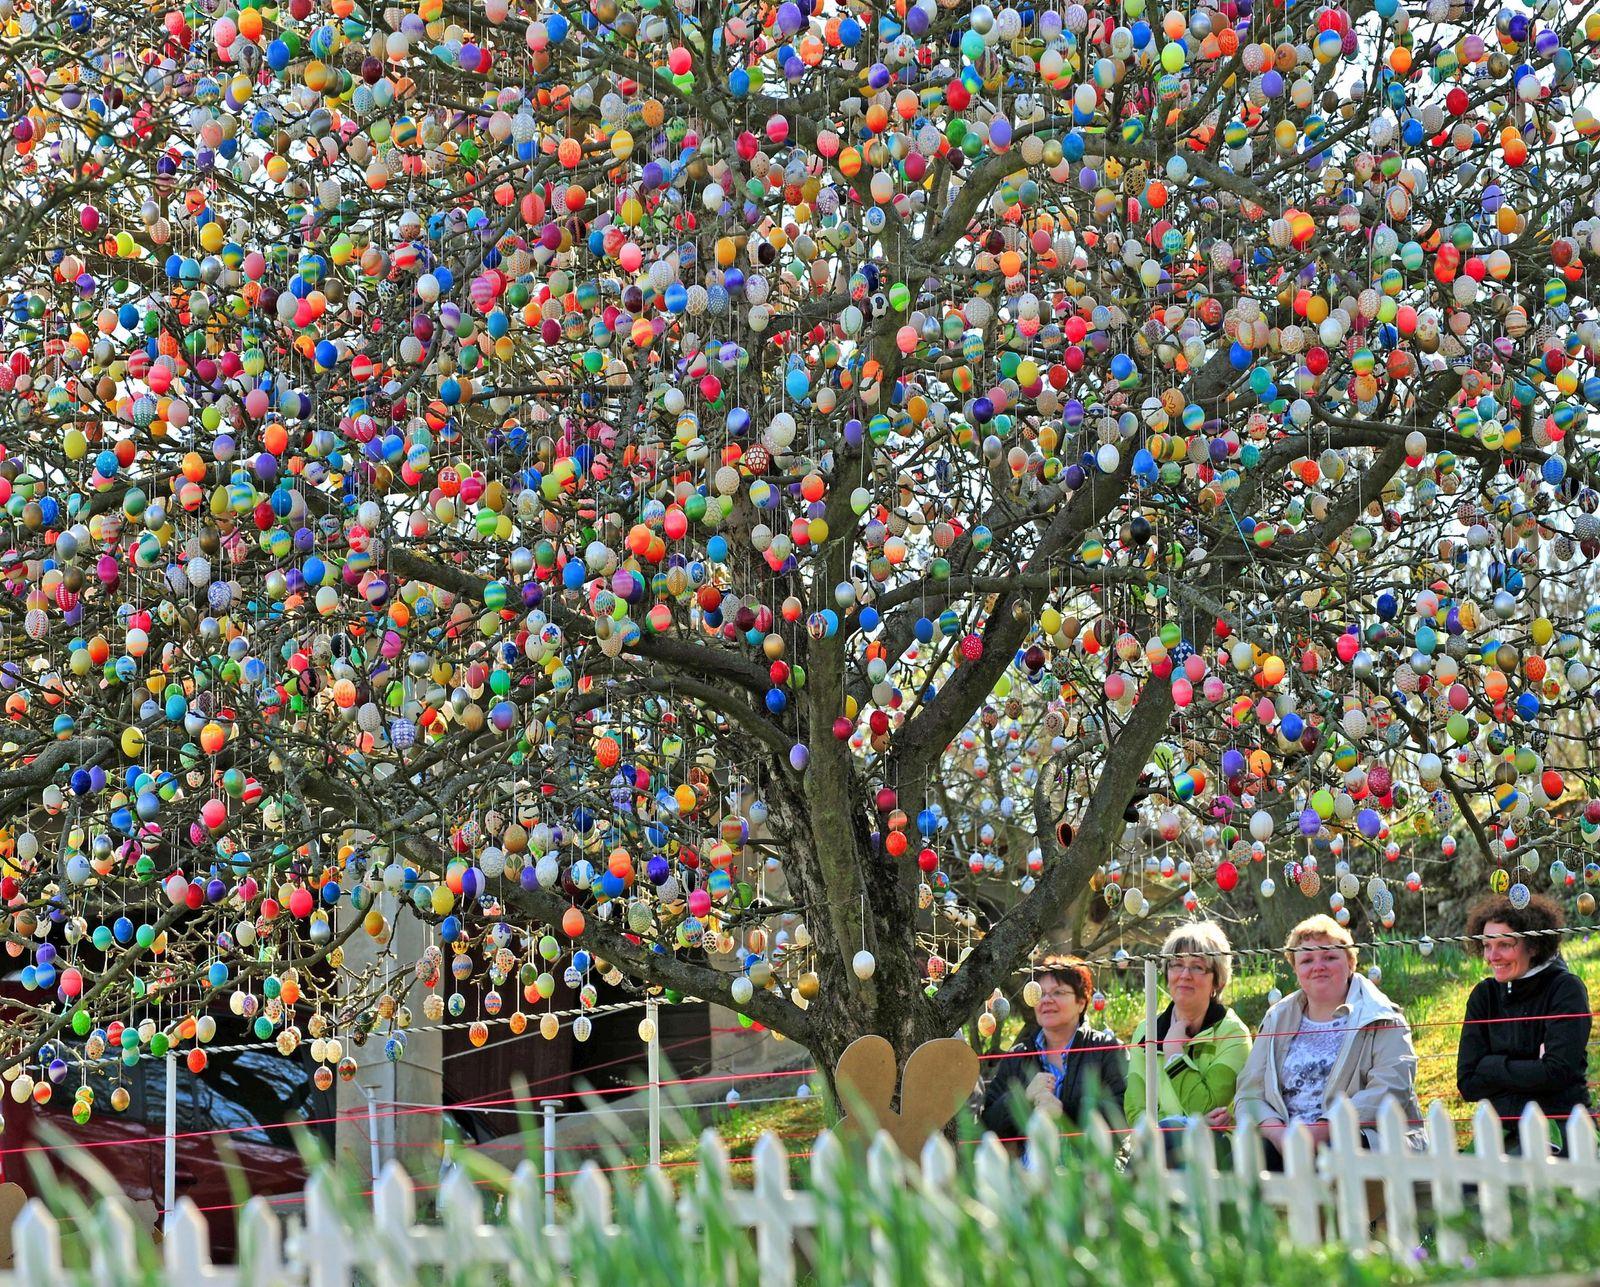 10.000 bunte Eier am Ostereierbaum